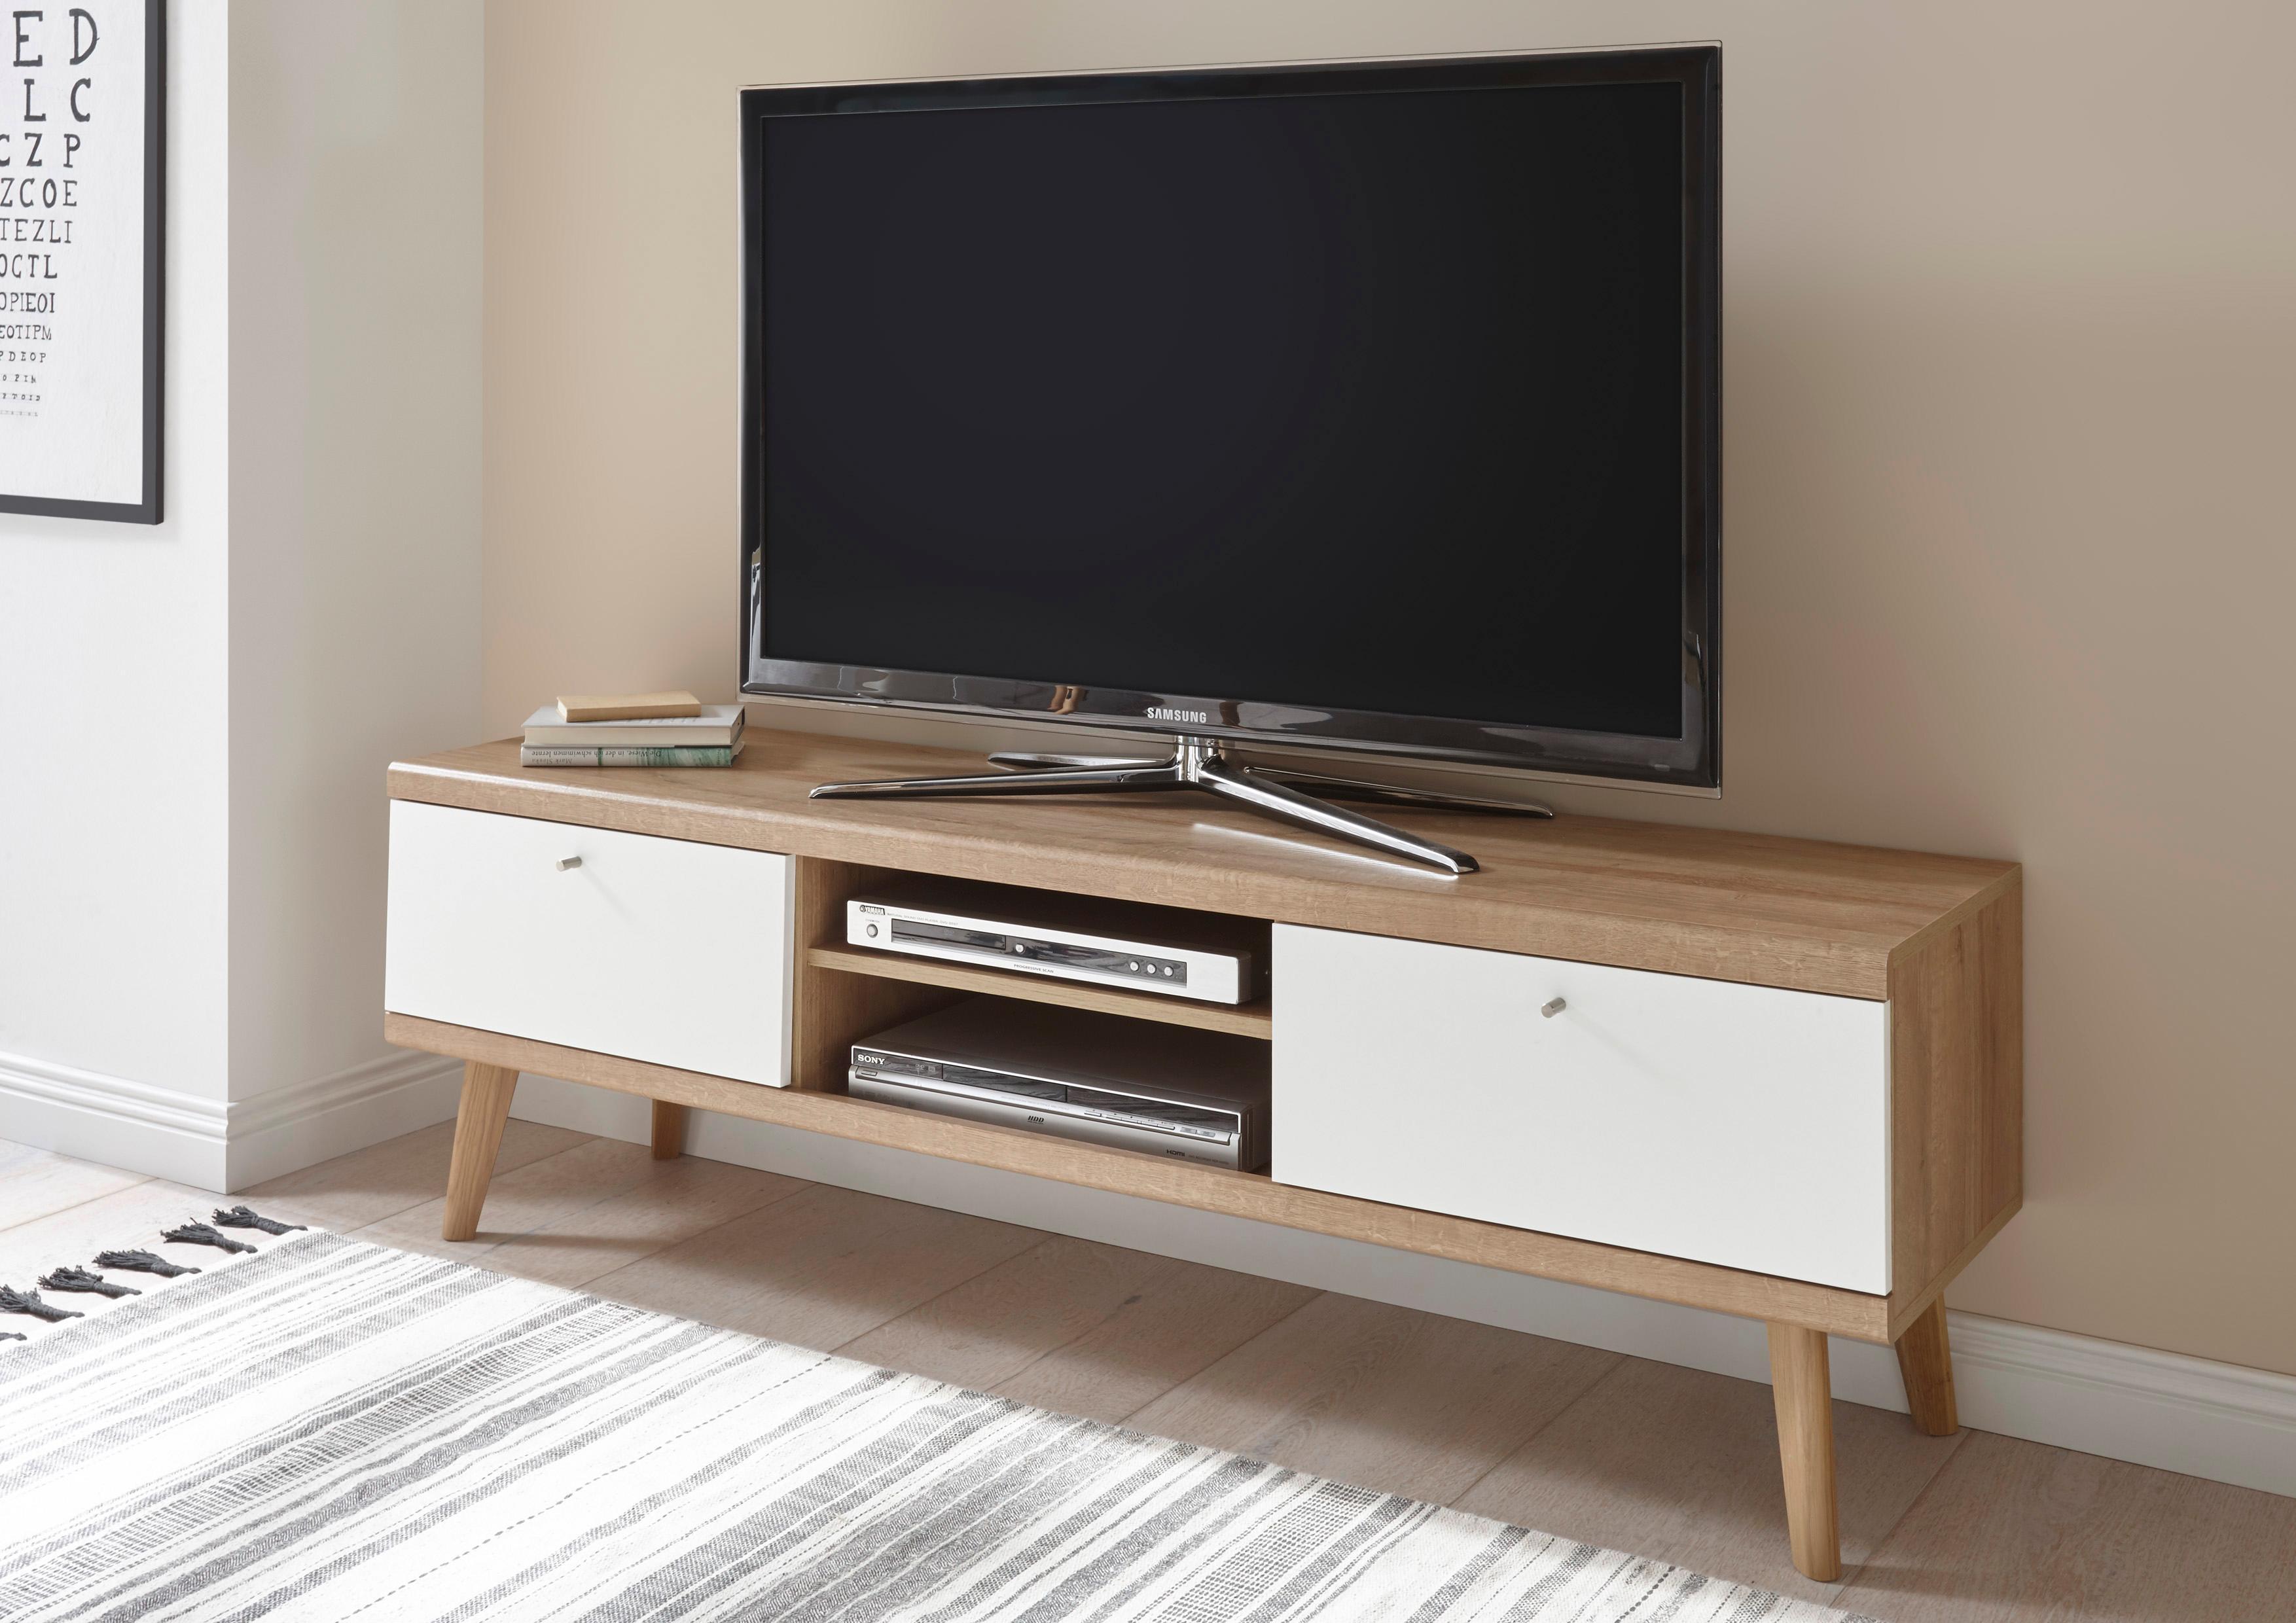 andas TV-Lowboard »Merle« im skandinavischen Design, Breite 160 cm von BAUR